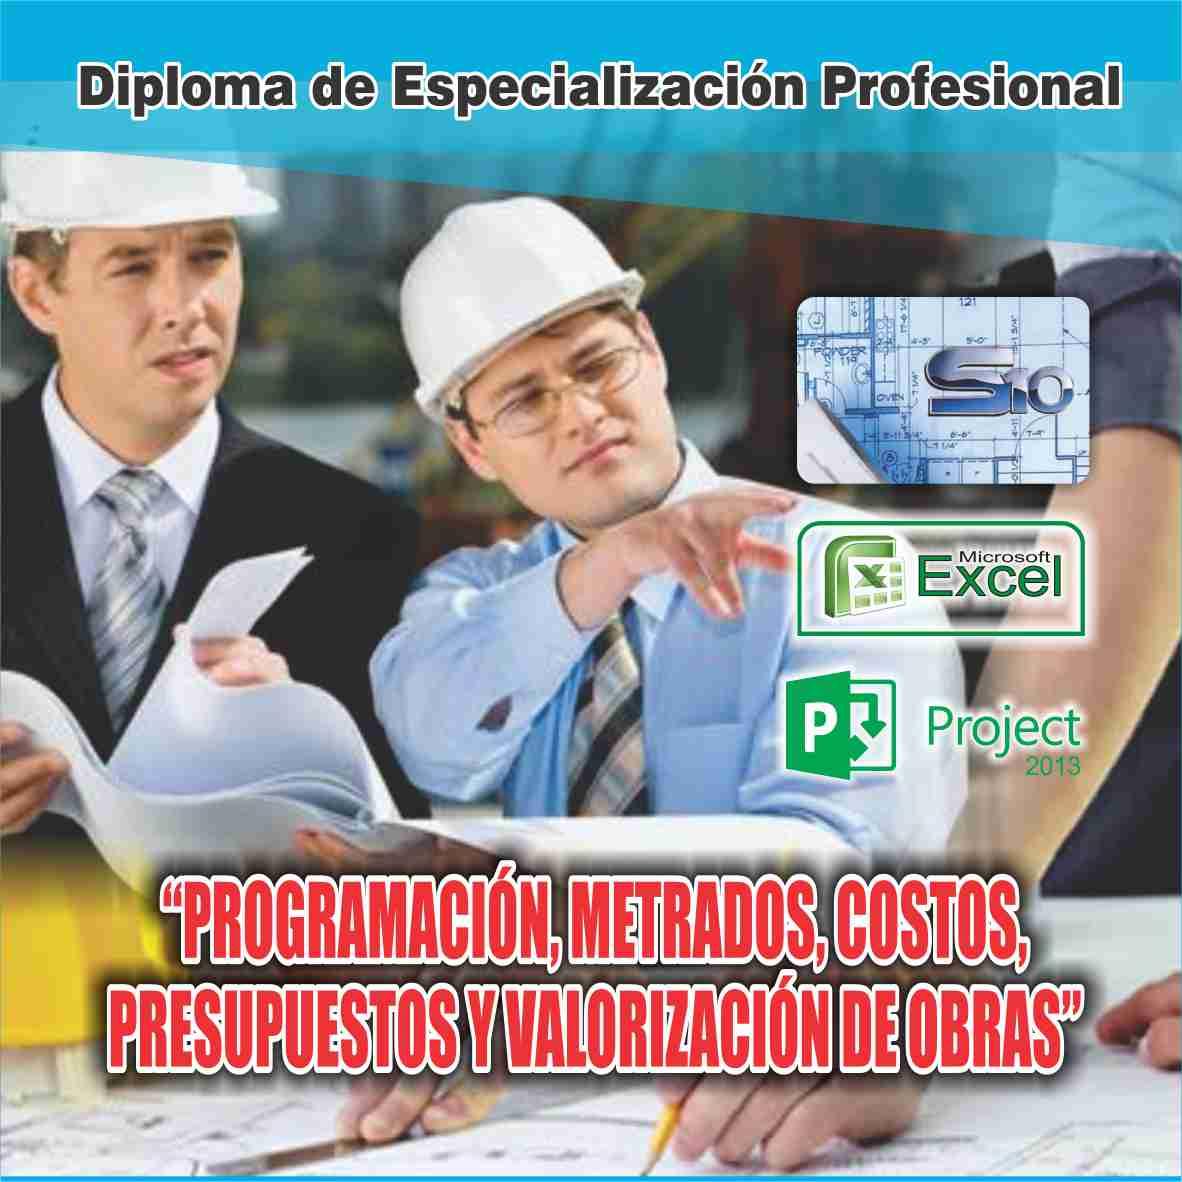 Cacp per diploma de especializaci n profesional - Presupuestos de obras ...